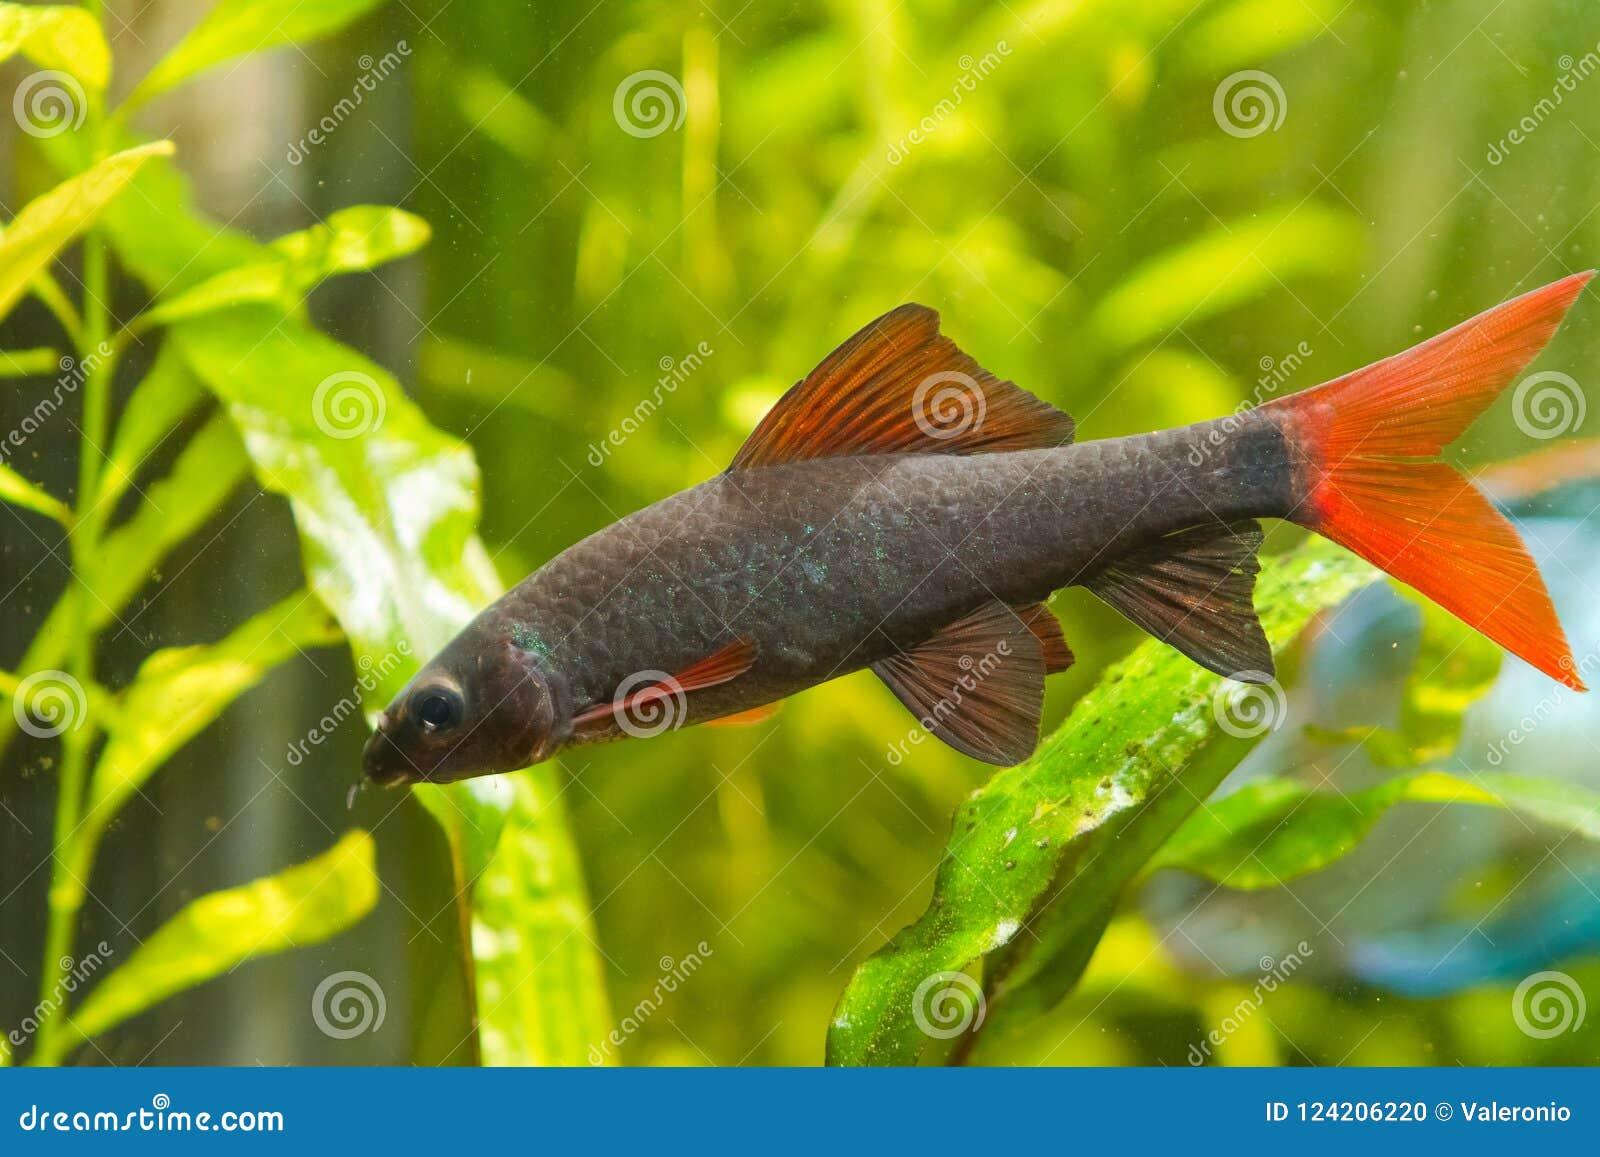 Epalzeorhynchosfrenatus, zoetwater schonere vissen, aardaquarium, de foto van de close-upaard